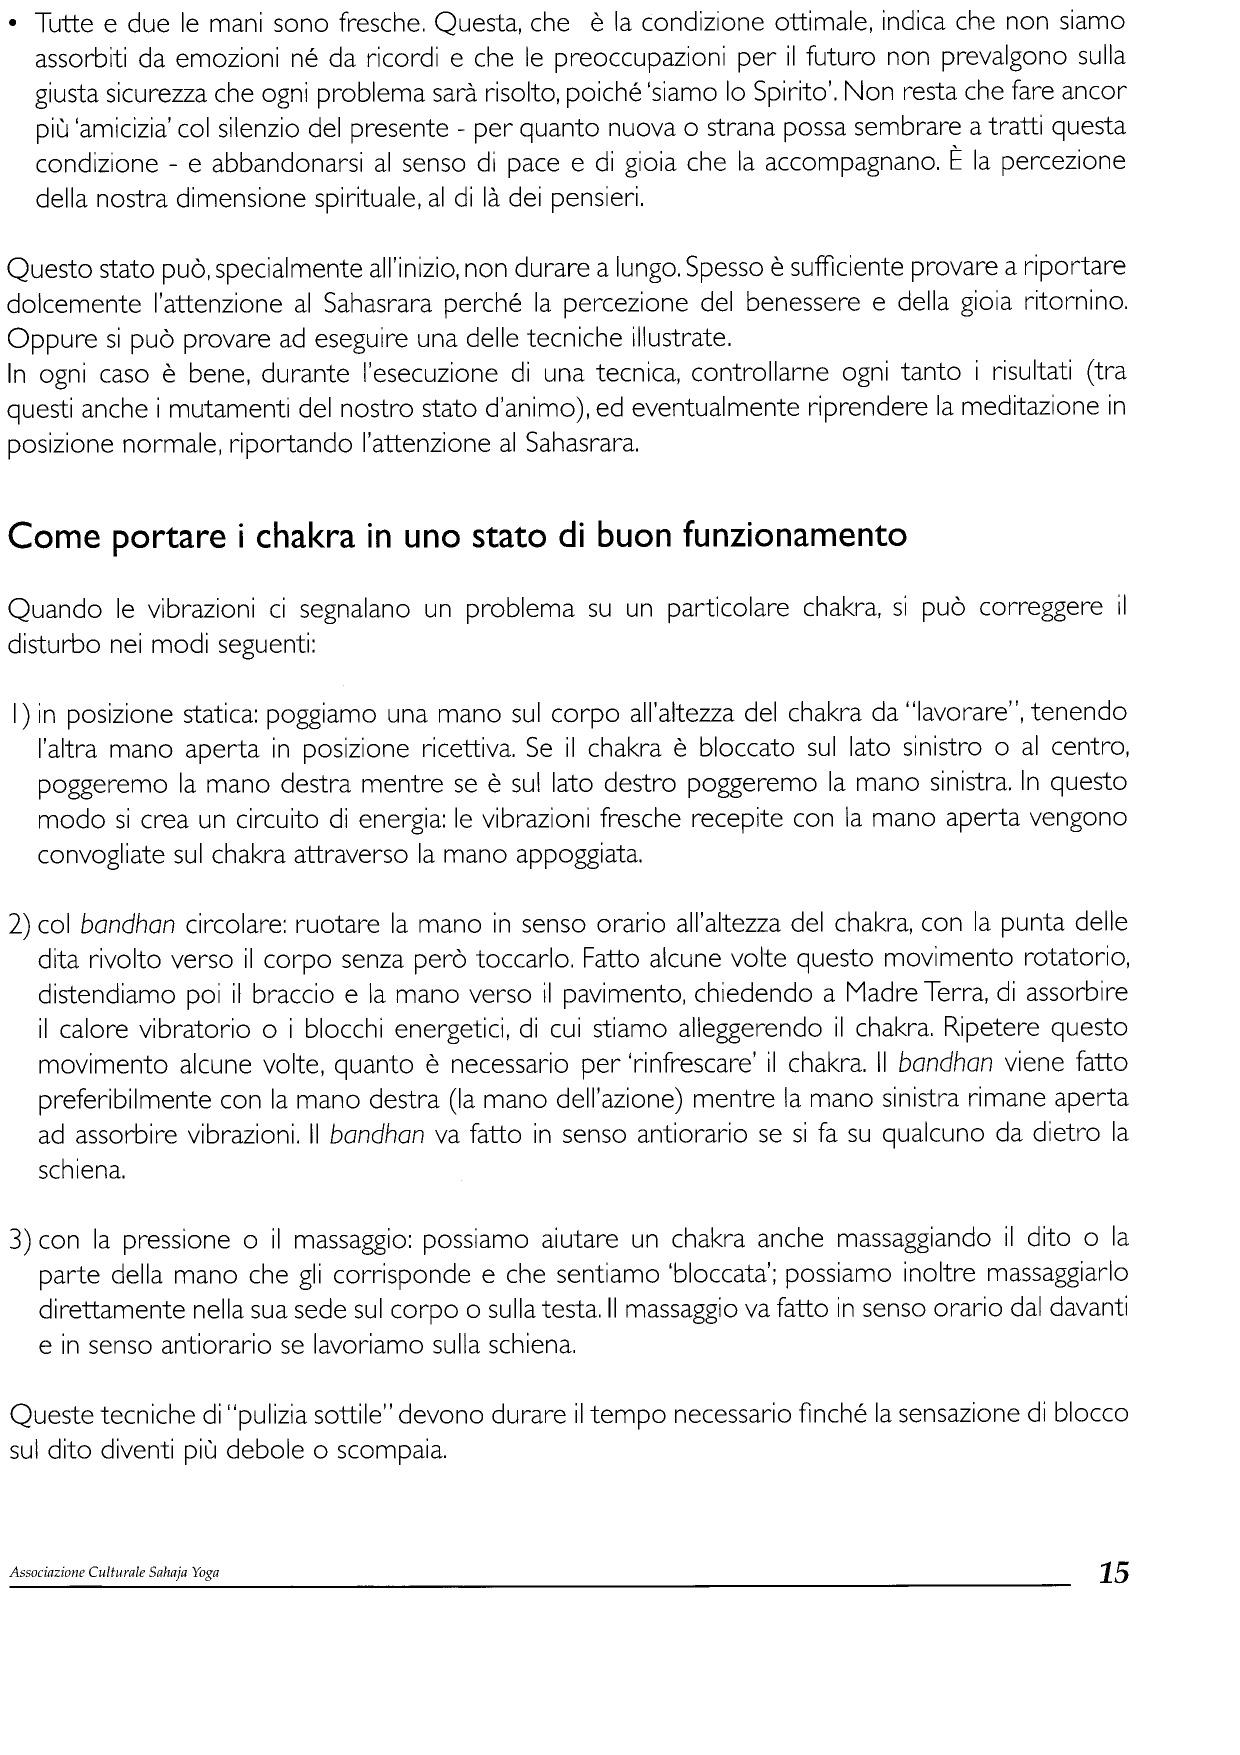 image-3 (3)